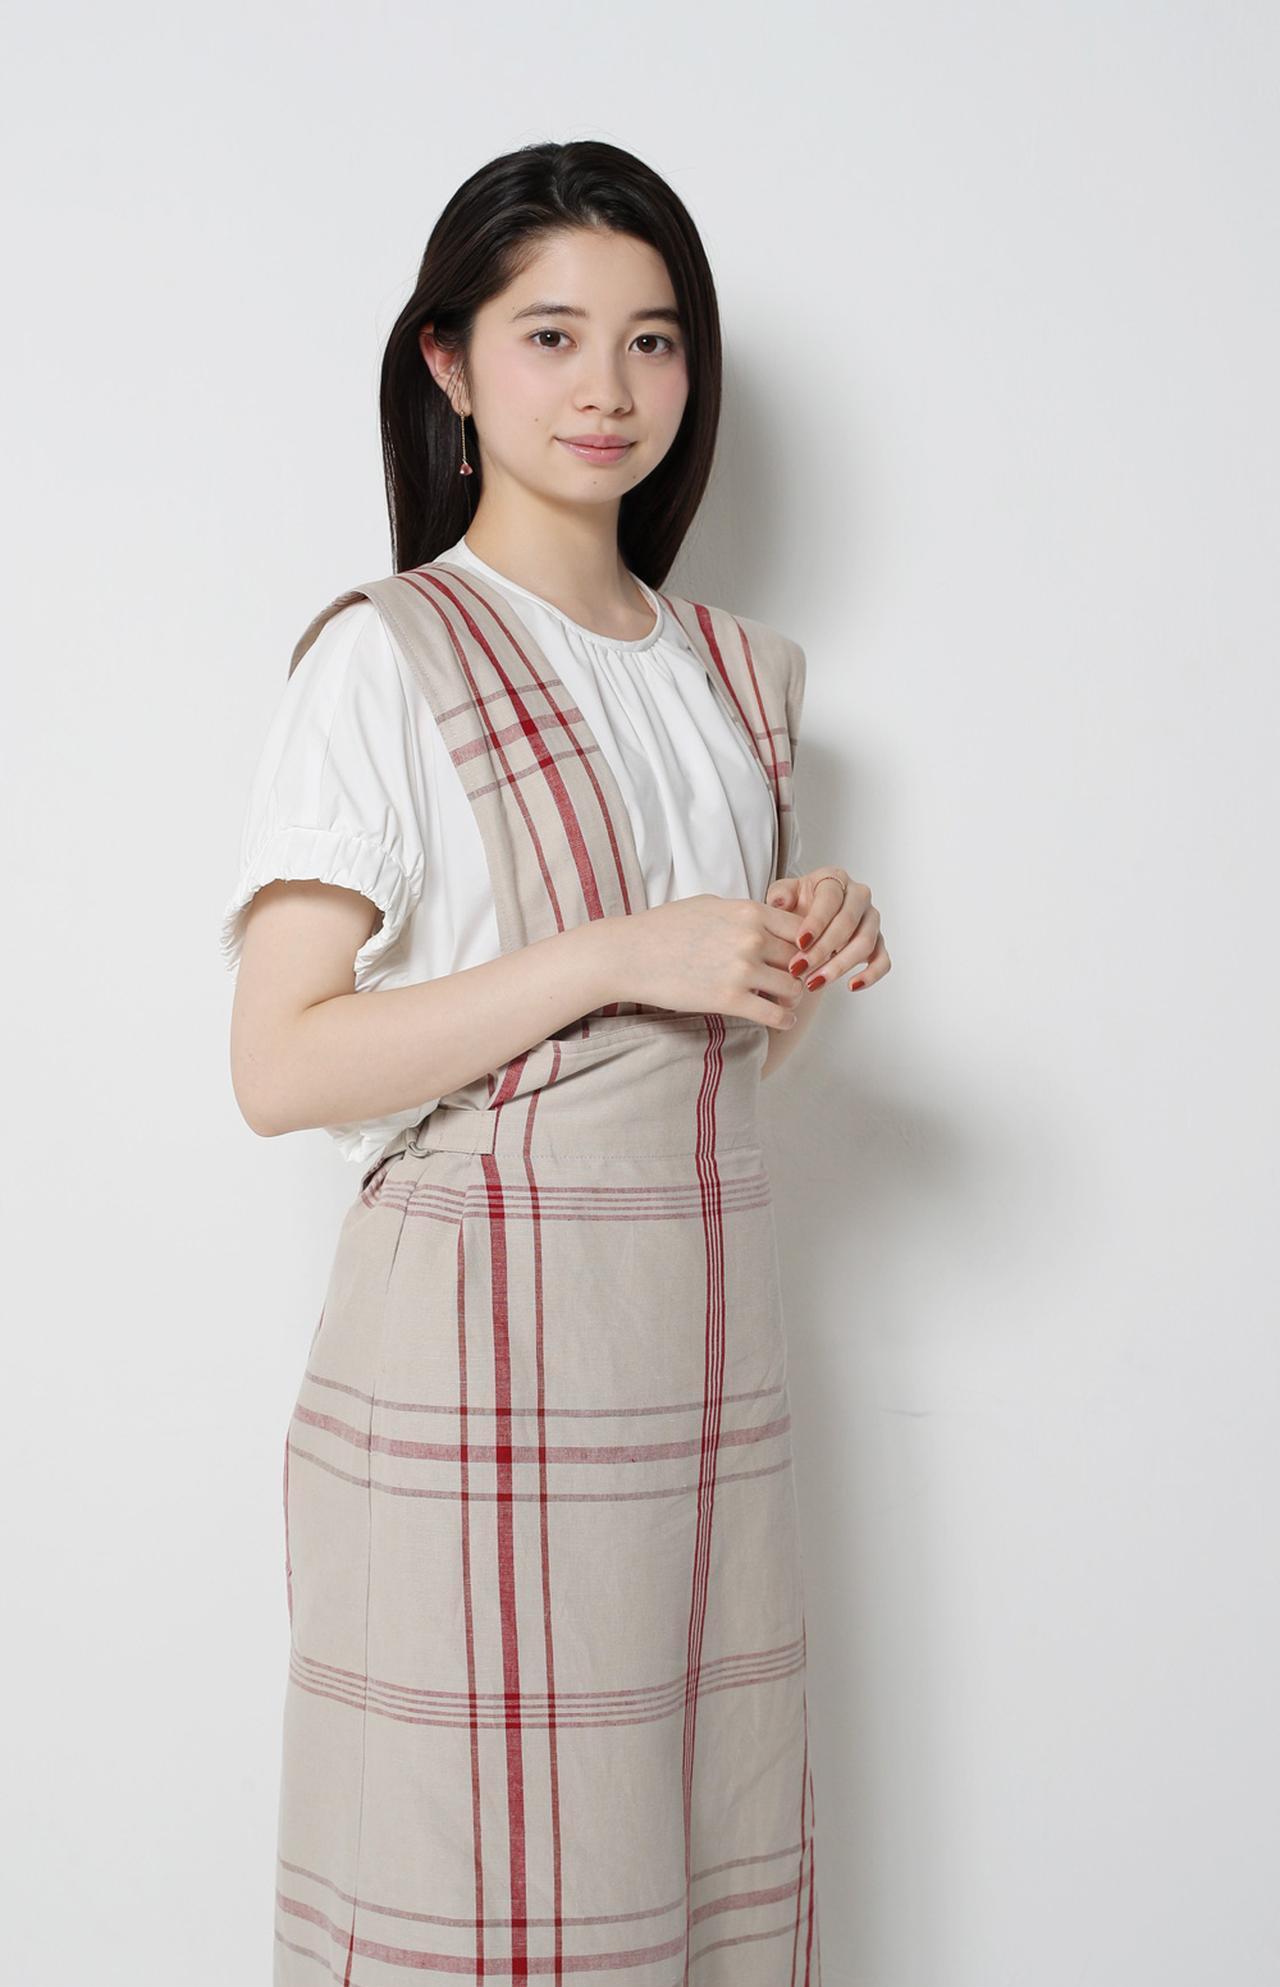 画像2: 桜田ひより/声優に初挑戦した劇場アニメ「薄暮」がいよいよ公開。「美しく広がる田園風景に心癒されながら、佐智と祐介の淡い恋愛模様を楽しんでほしい」